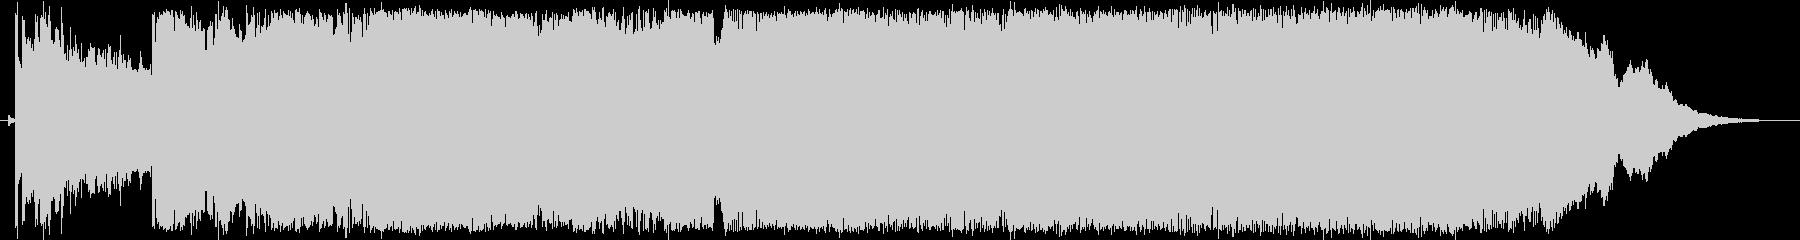 世界 サスペンス 説明的 クール ...の未再生の波形